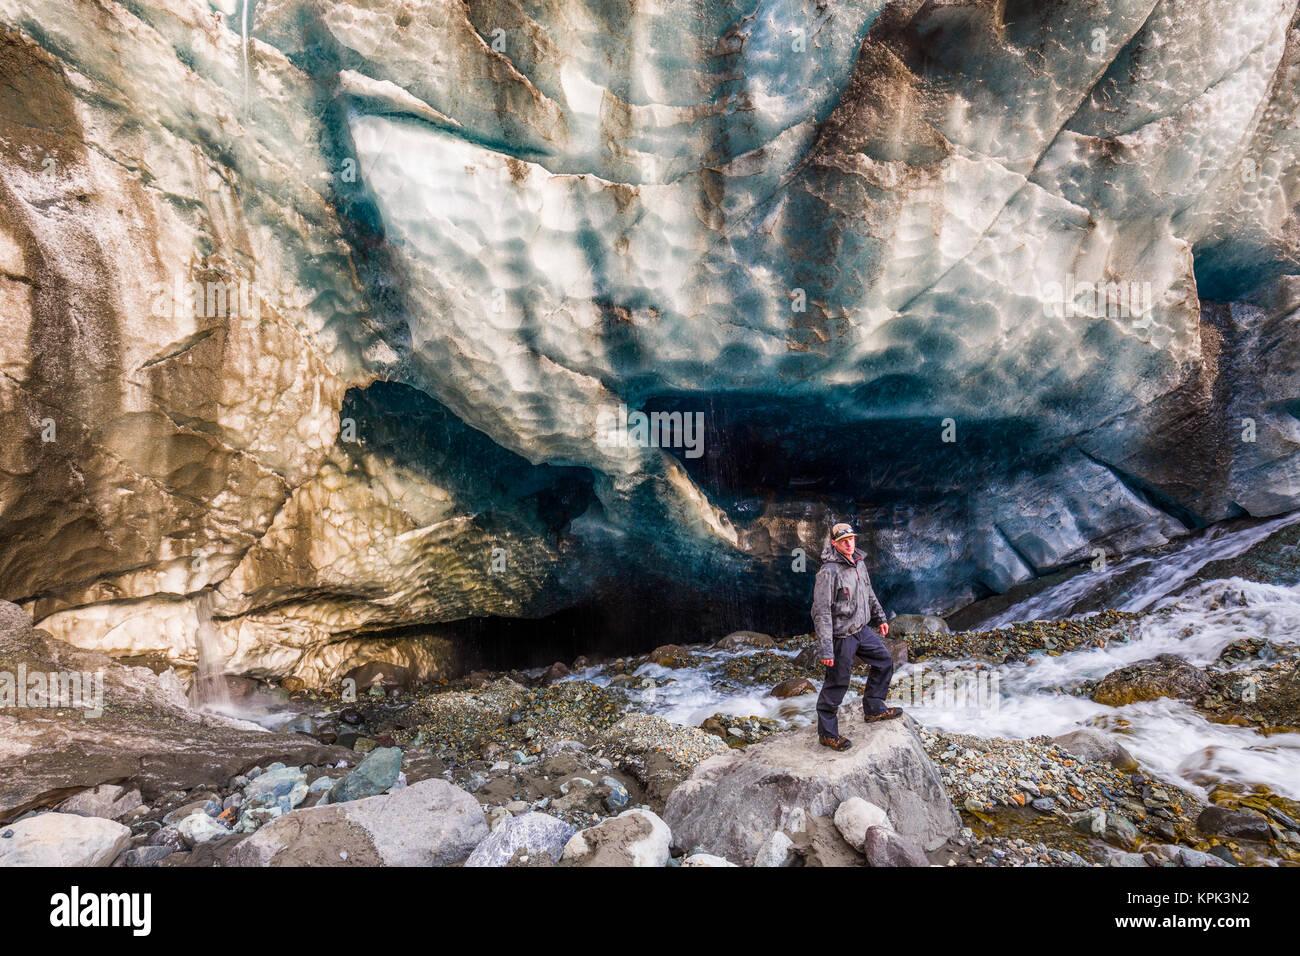 Un hombre rodeado de agua torrentosa posa delante de una cueva debajo del hielo del glaciar de raíz Wrangell Imagen De Stock